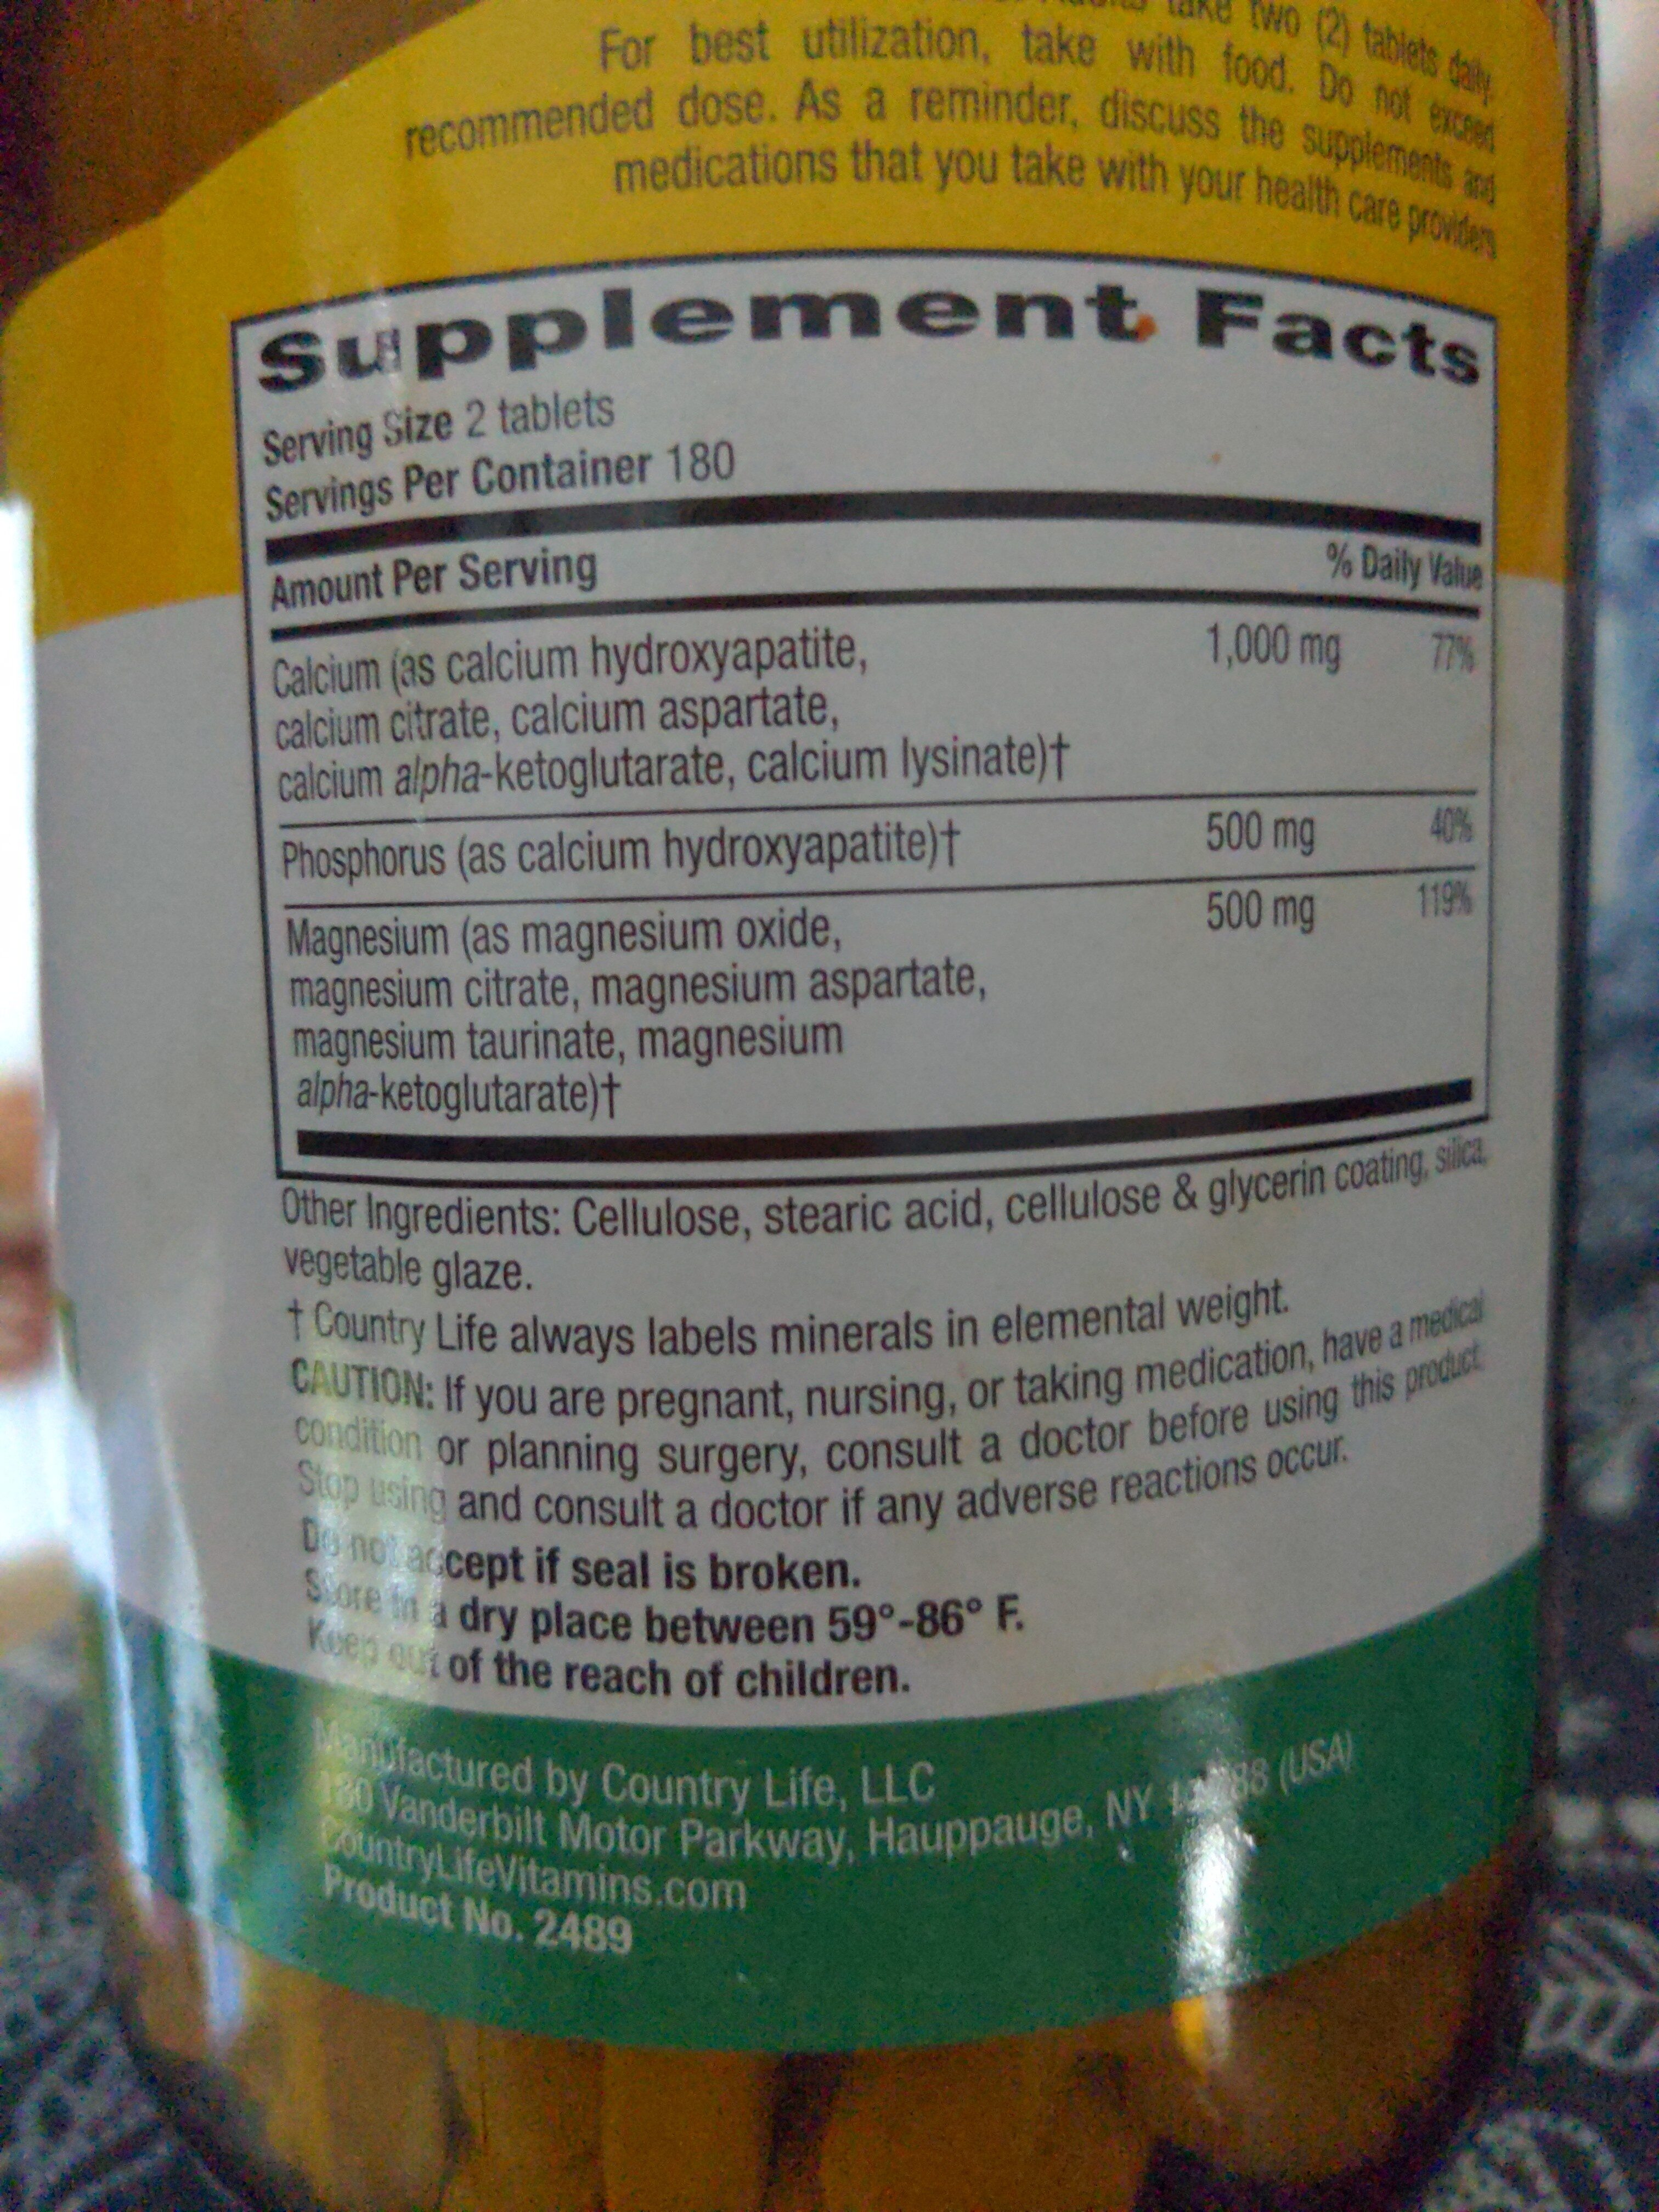 calcium magnesium complex - Ingredients - en